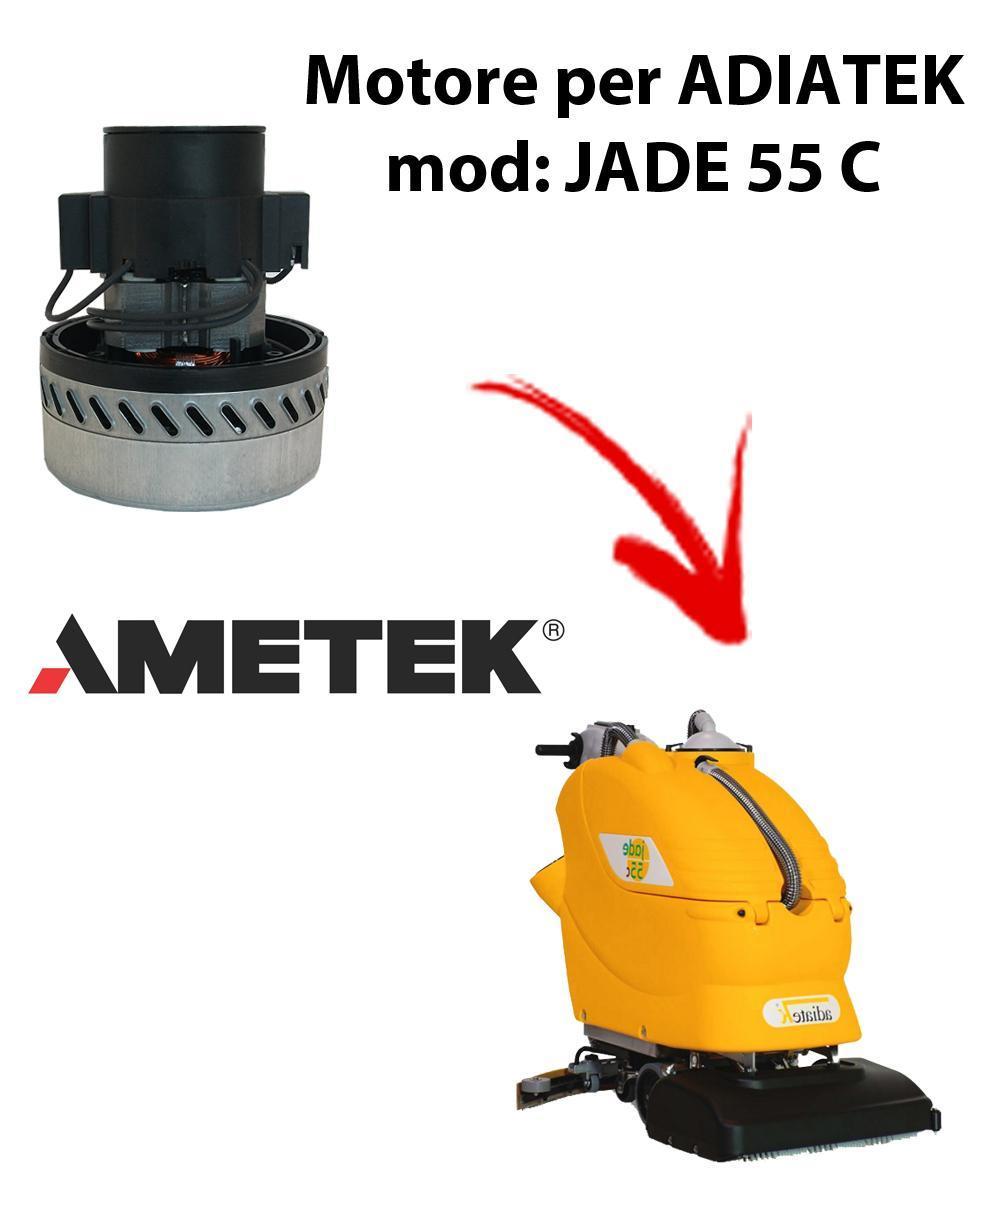 JADE 55 C Saugmotor AMETEK ITALIA für scheuersaugmaschinen ADIATEK